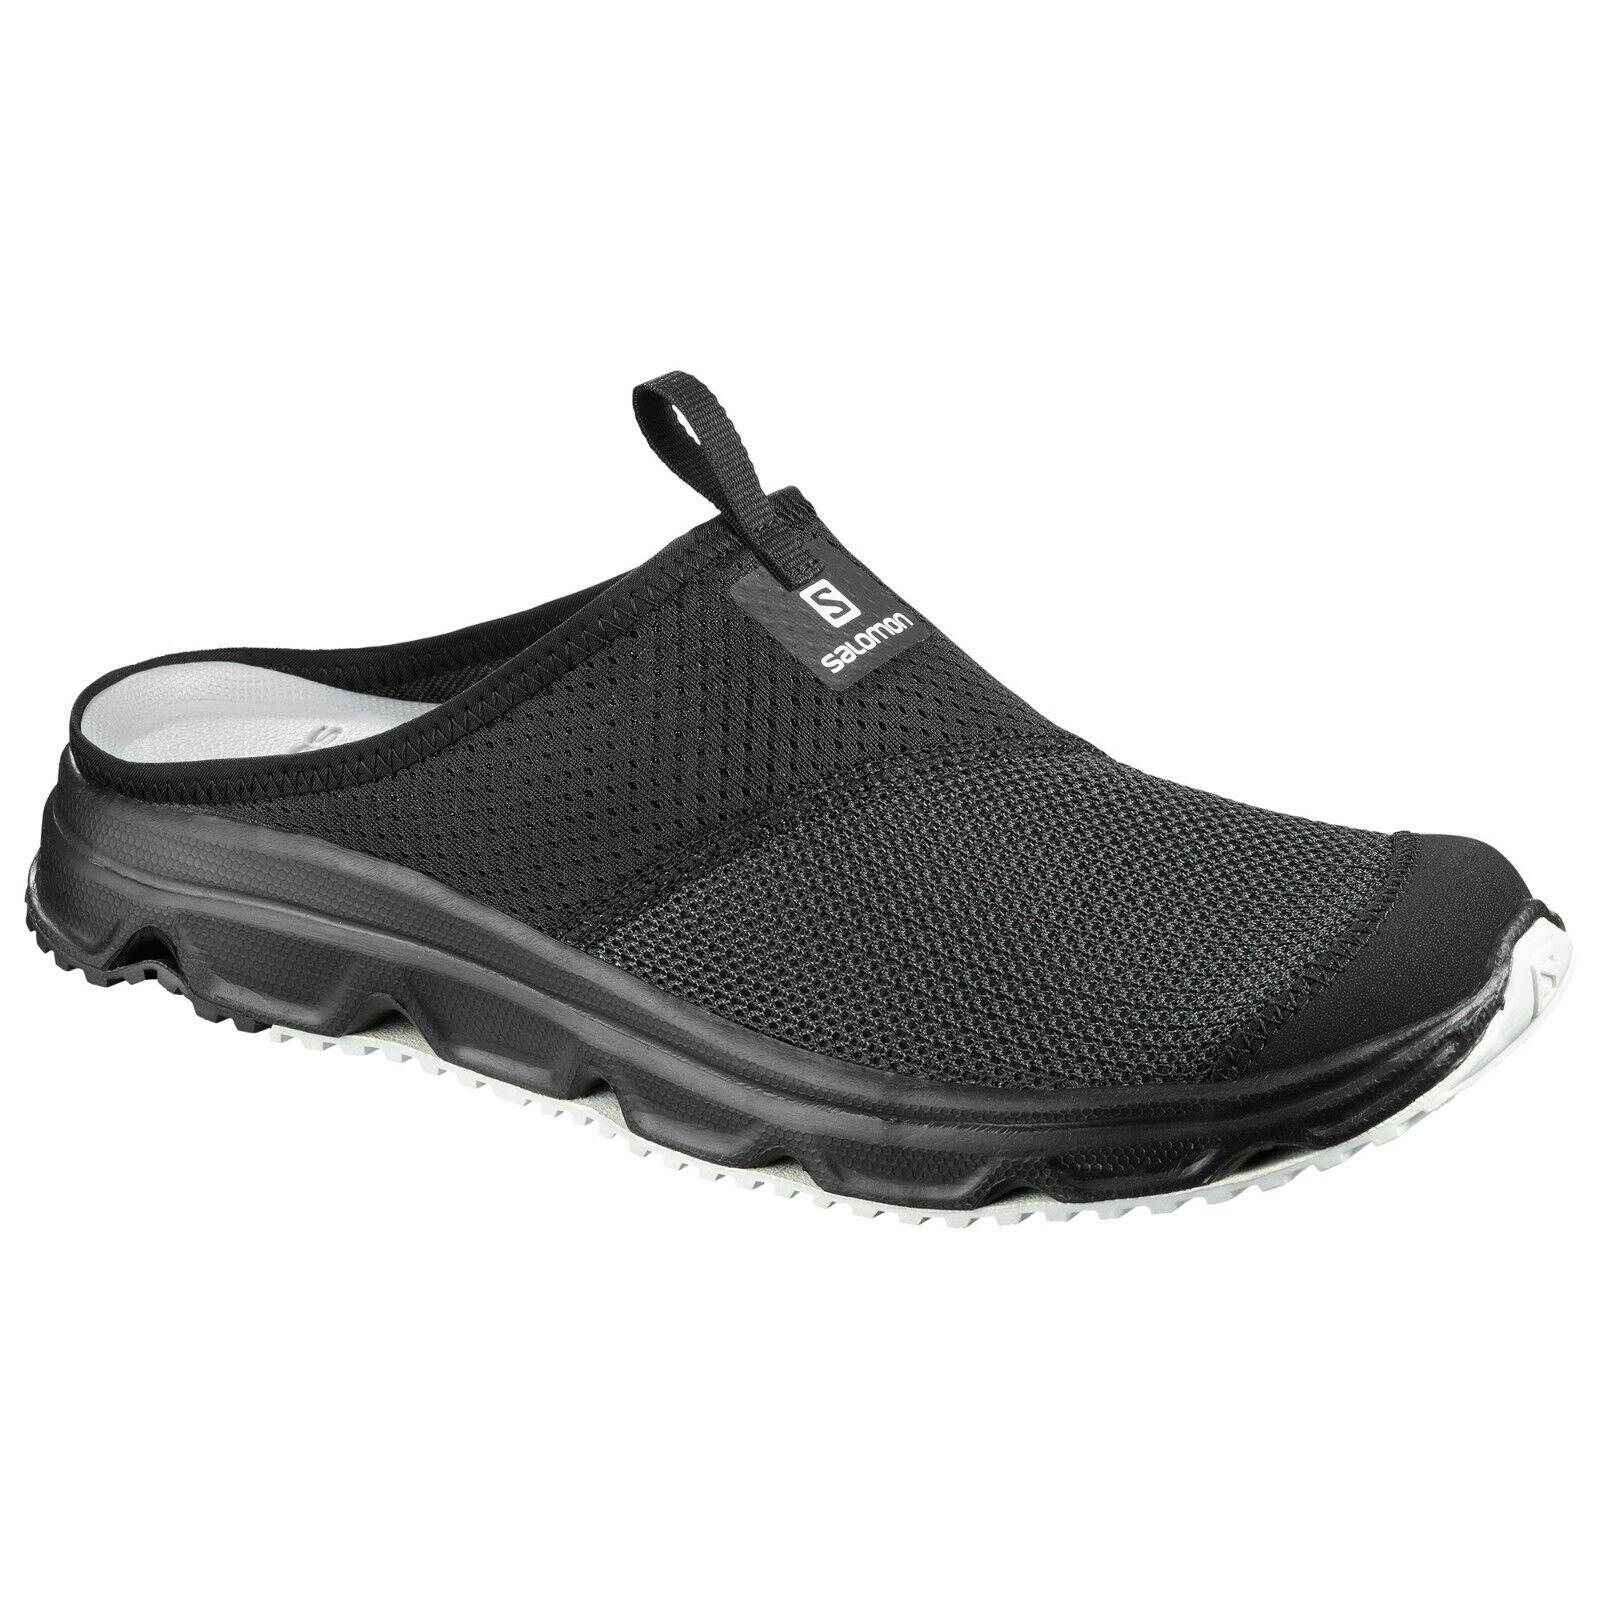 Salomon RX Slide 4.0 Men's Mules Sandals Casual Shoes BlackBlue